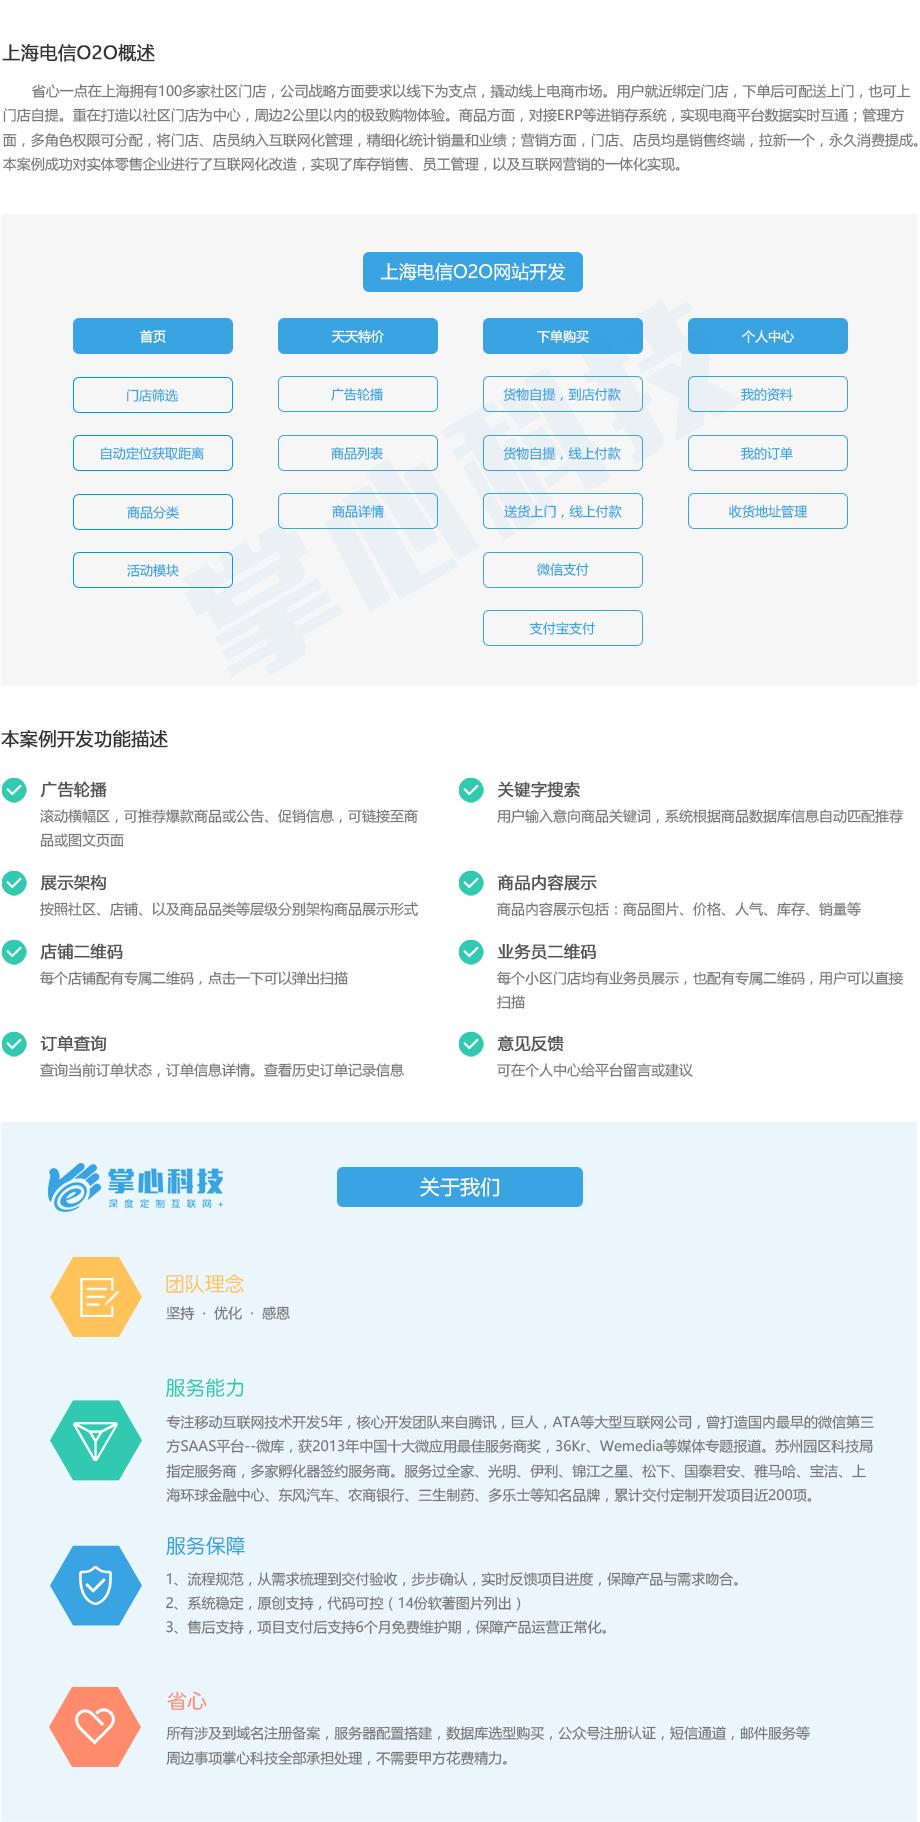 上海电信O2O概述.png